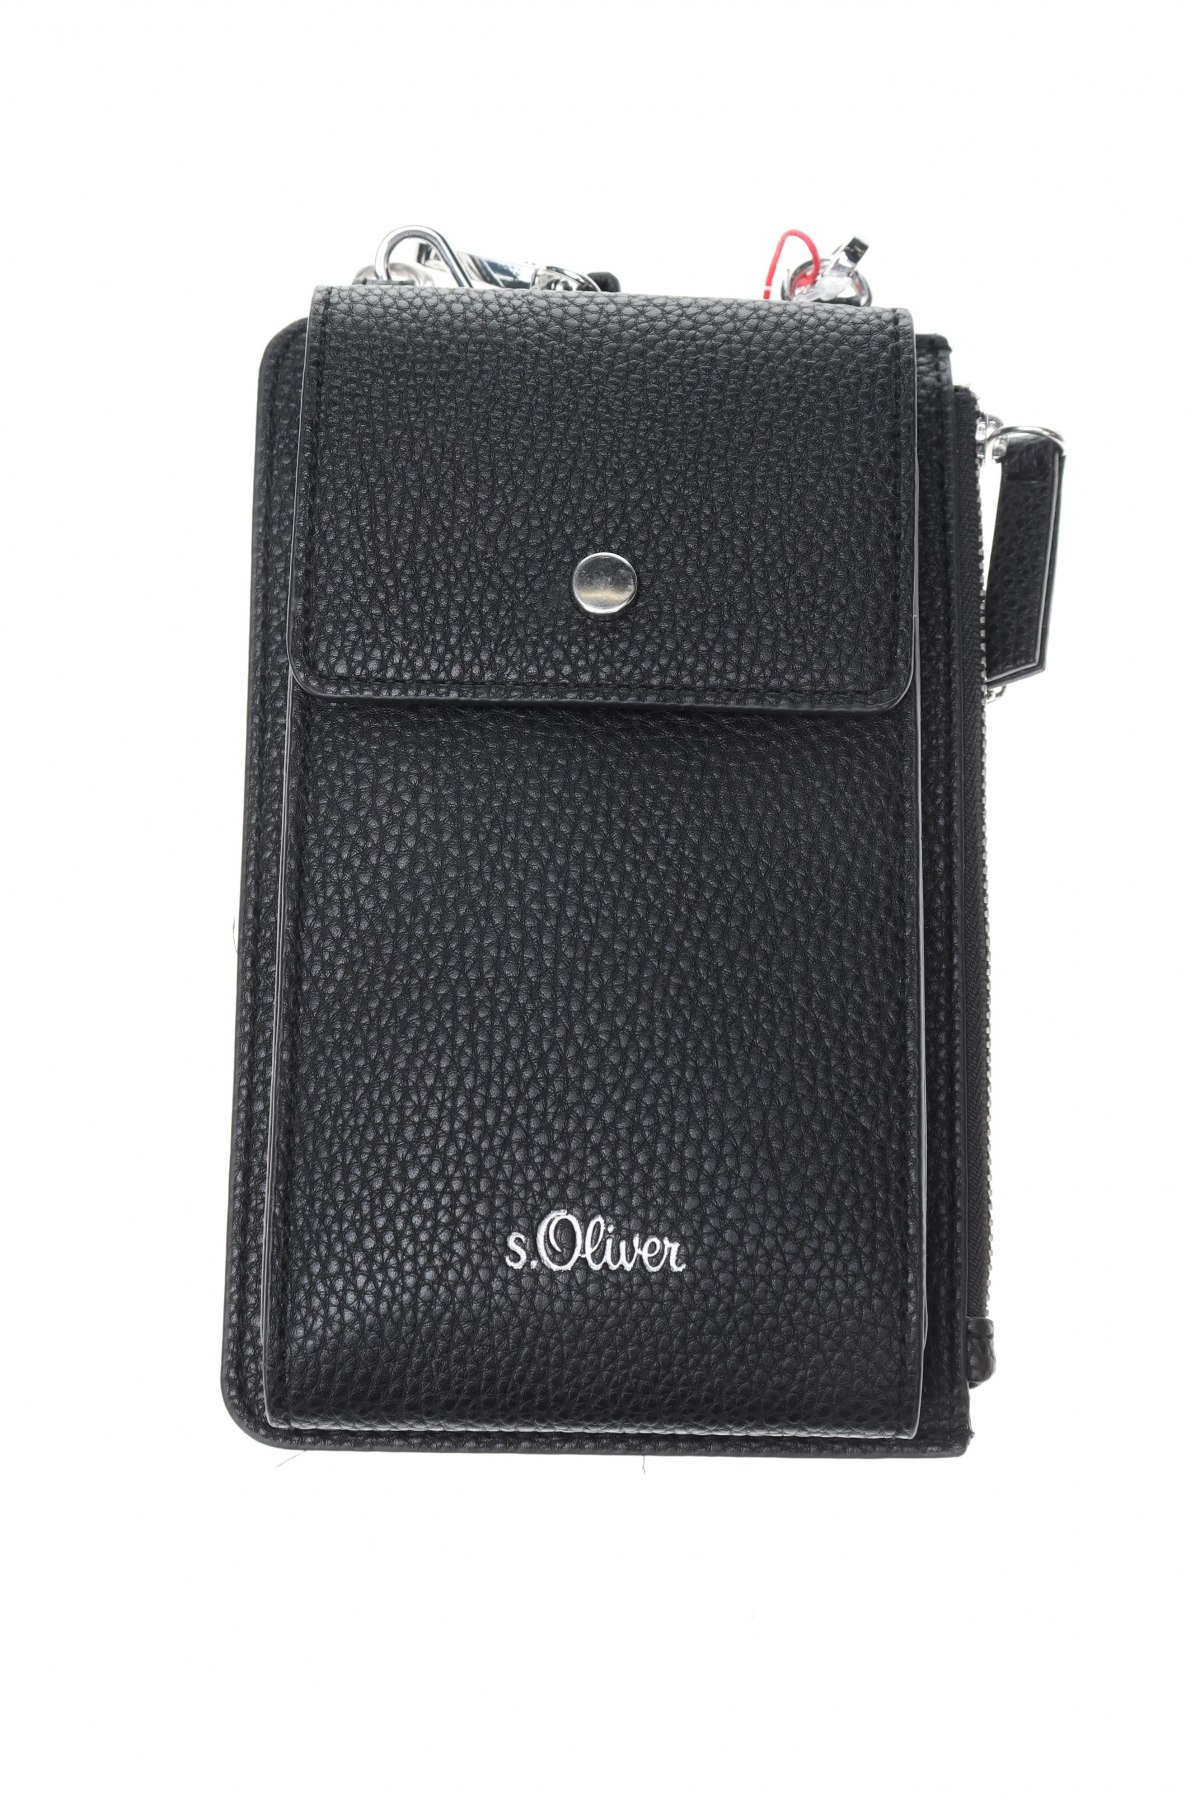 Γυναικεία τσάντα S.Oliver, Χρώμα Μαύρο, Δερματίνη, Τιμή 23,62€